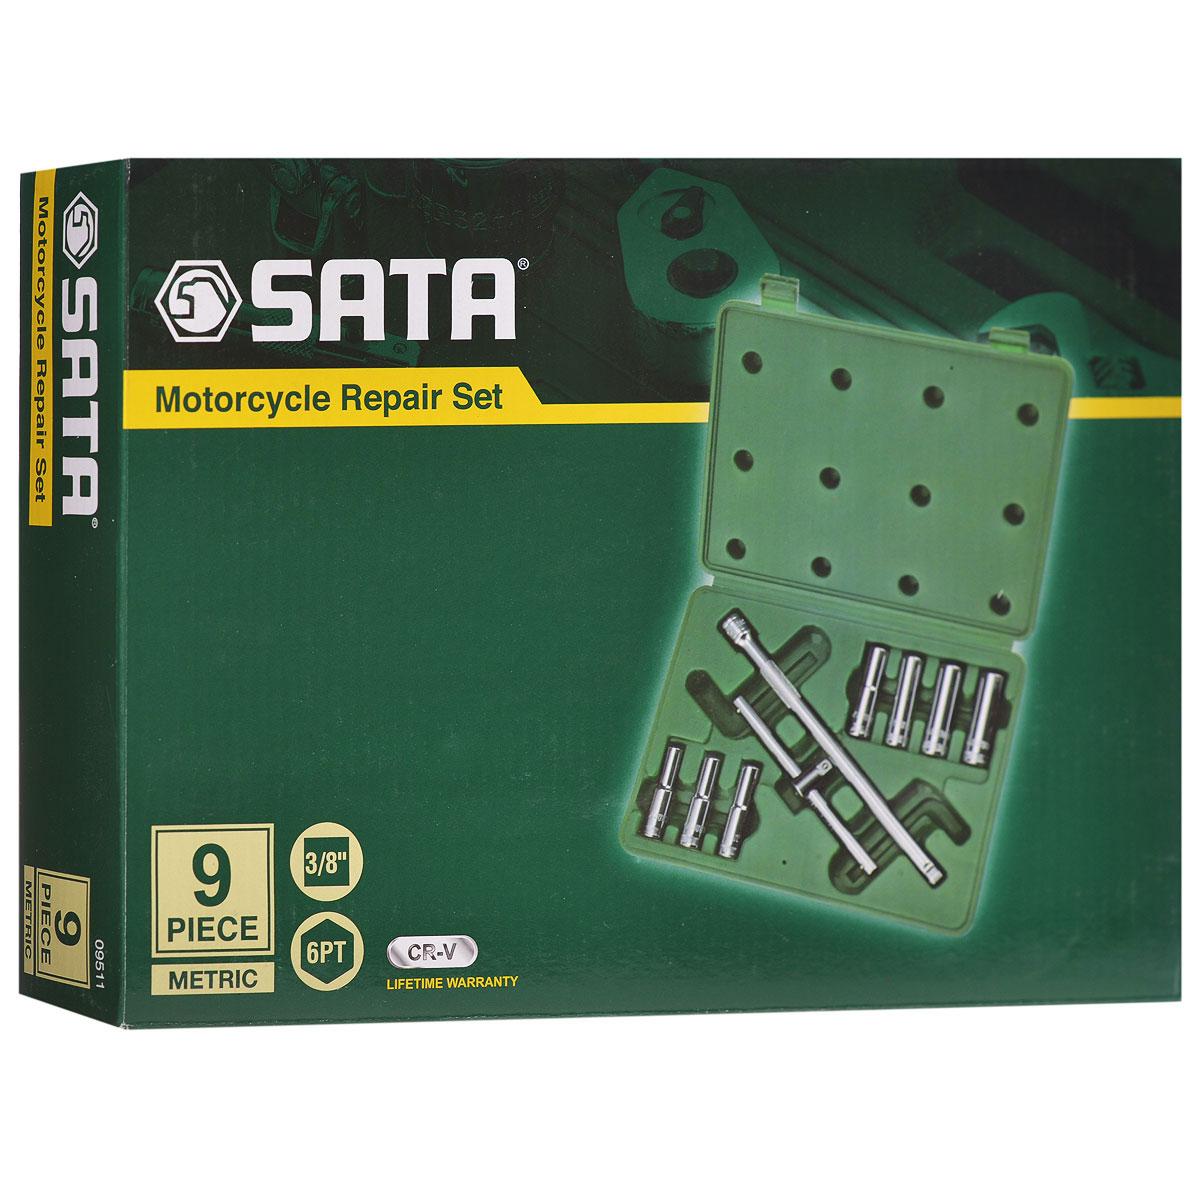 Набор торцевых головок SATA 9пр. 95119511Набор удлиненных торцевых головок Sata предназначен для монтажа/демонтажа резьбовых соединений. Все инструменты набора выполнены из высококачественной хромованадиевой стали. В комплекте пластиковый кейс для переноски и хранения. Состав набора: Головки удлиненные шестигранные торцевые: 8 мм, 9 мм, 10 мм, 11 мм, 12 мм, 13 мм, 14 мм. Вороток со скользящей перекладиной. Отклоняемый удлинитель длиной 10 дюймов.